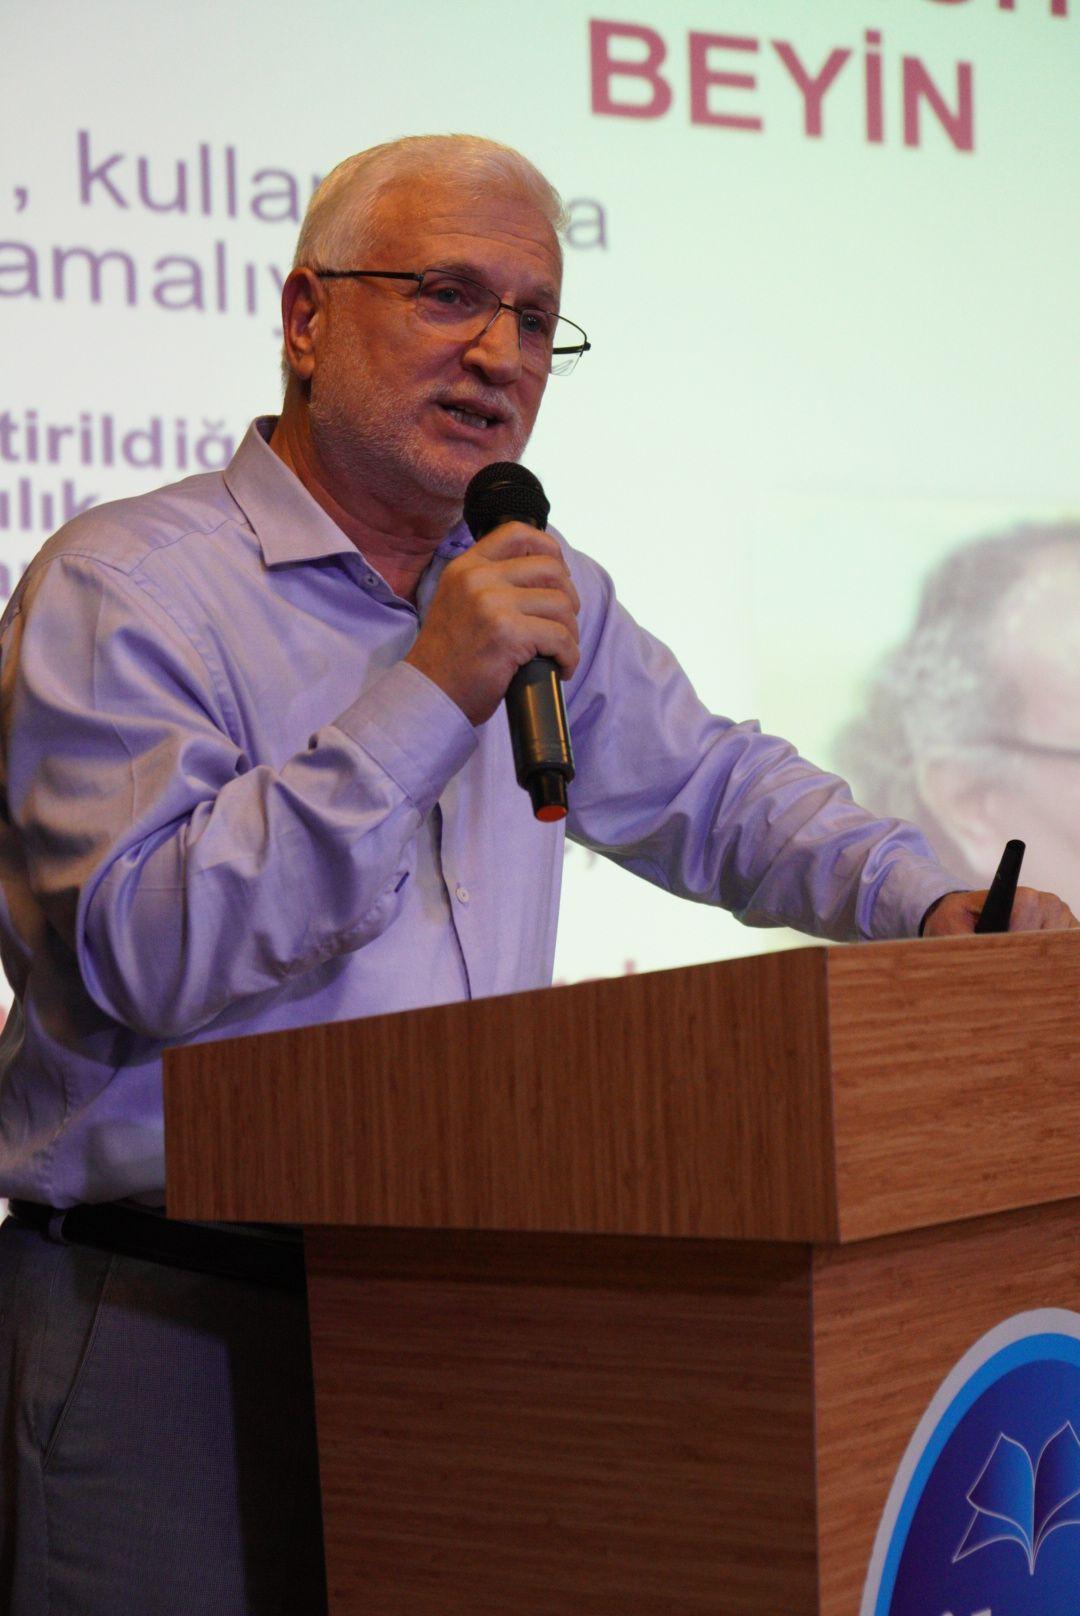 İKEV'DE EĞİTİM SEMİNERLERİ GENÇLİĞİ GELECEĞE HAZIRLIYOR - HABERLER - İKEV - İlim Kültür ve Eğitim Vakfı